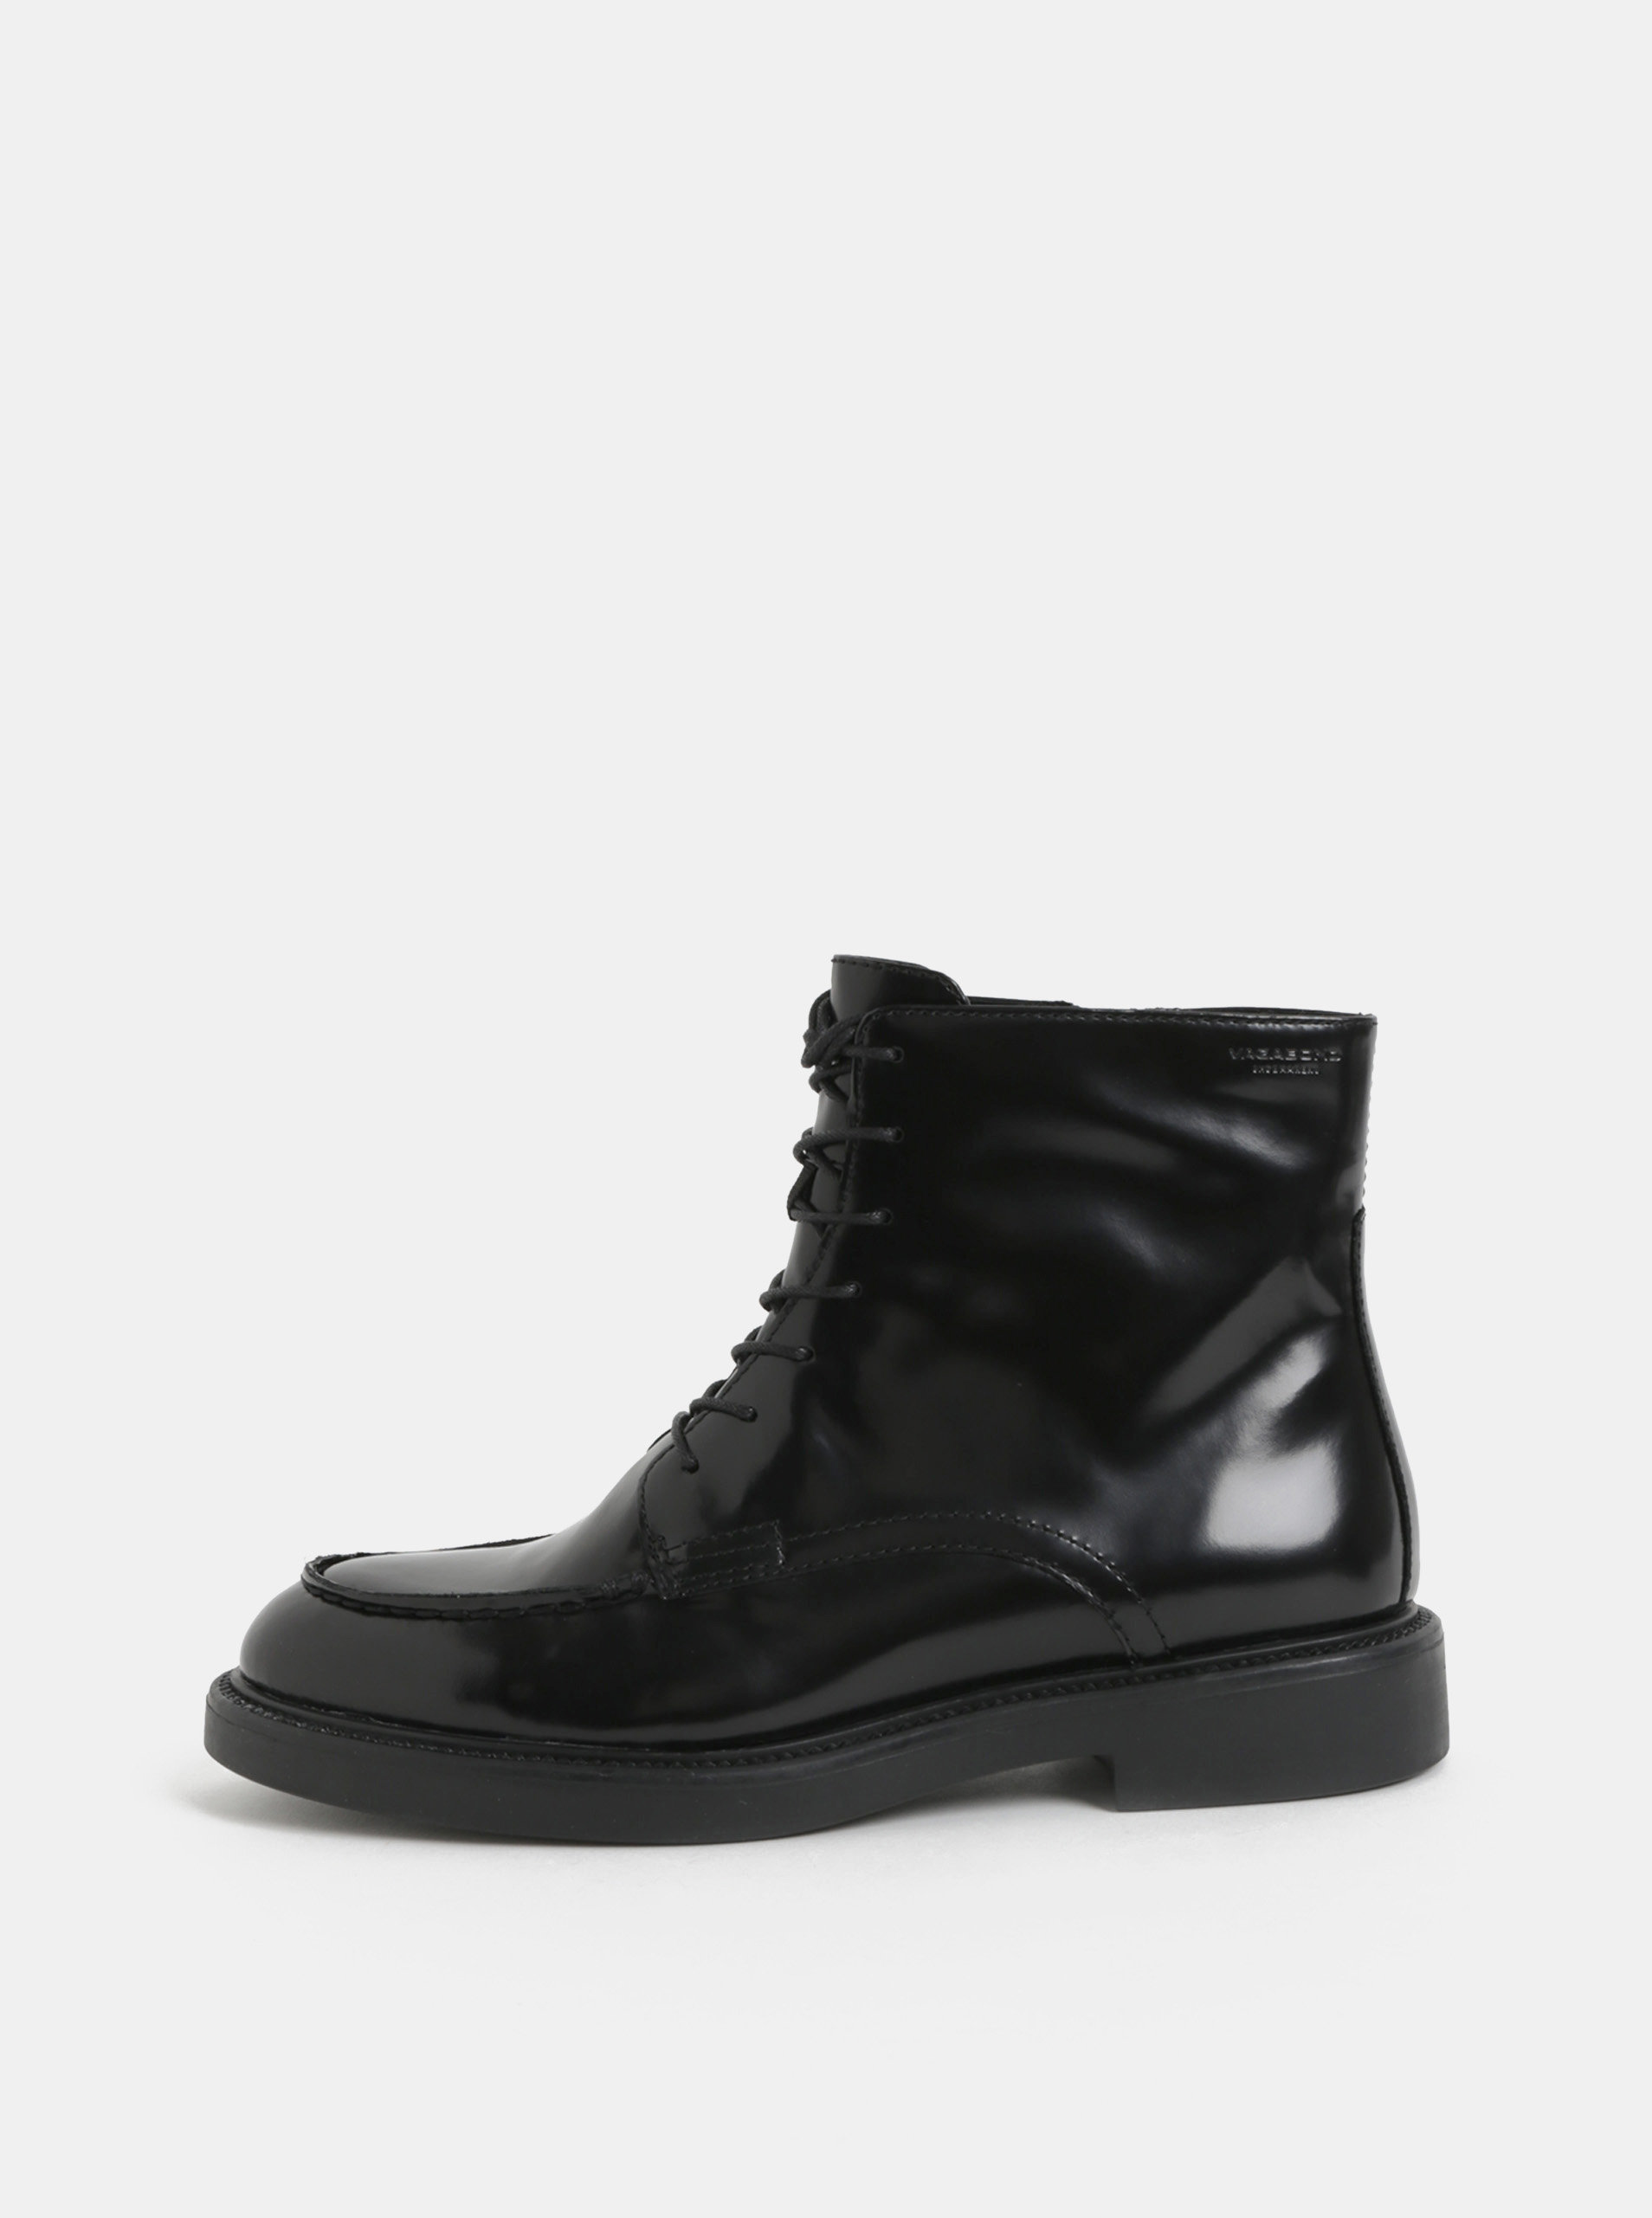 Čierne dámske kožené členkové topánky so šnurovaním Vagabond Alex ... 97422c97ef6